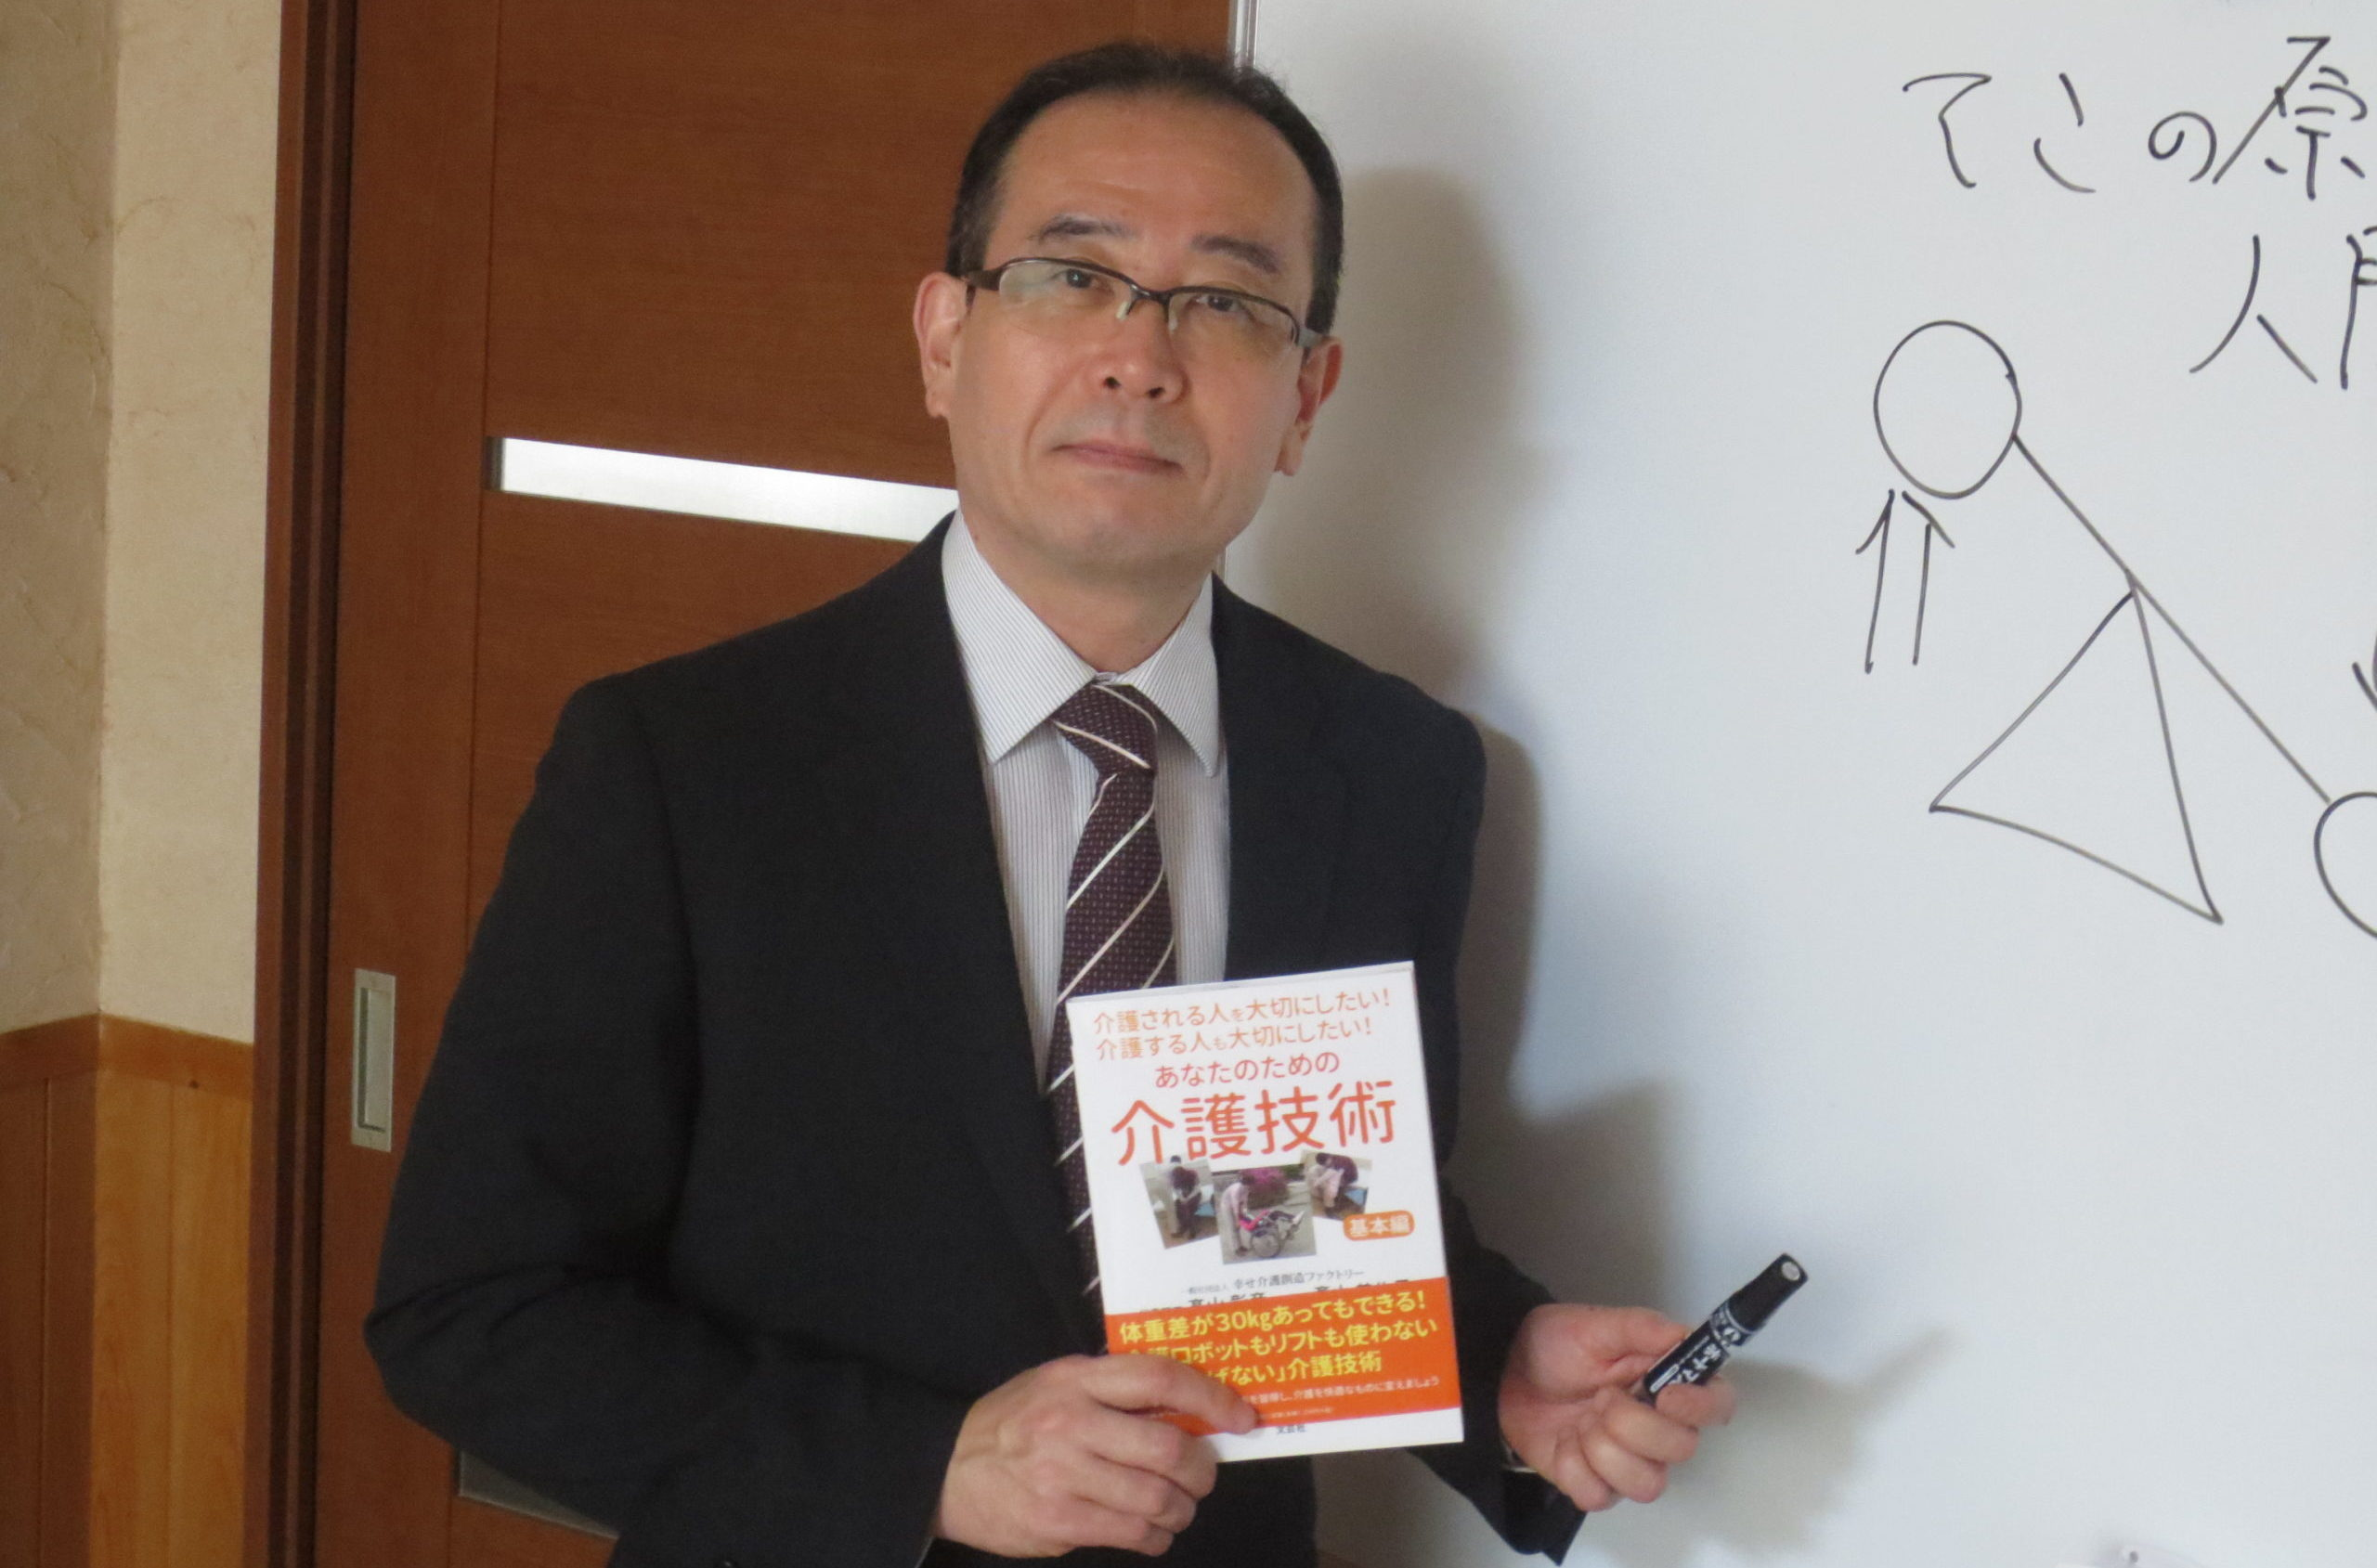 【起業事例】定年前に56歳で起業。介護技術などについて解説した書籍の出版と研修で全国から集客